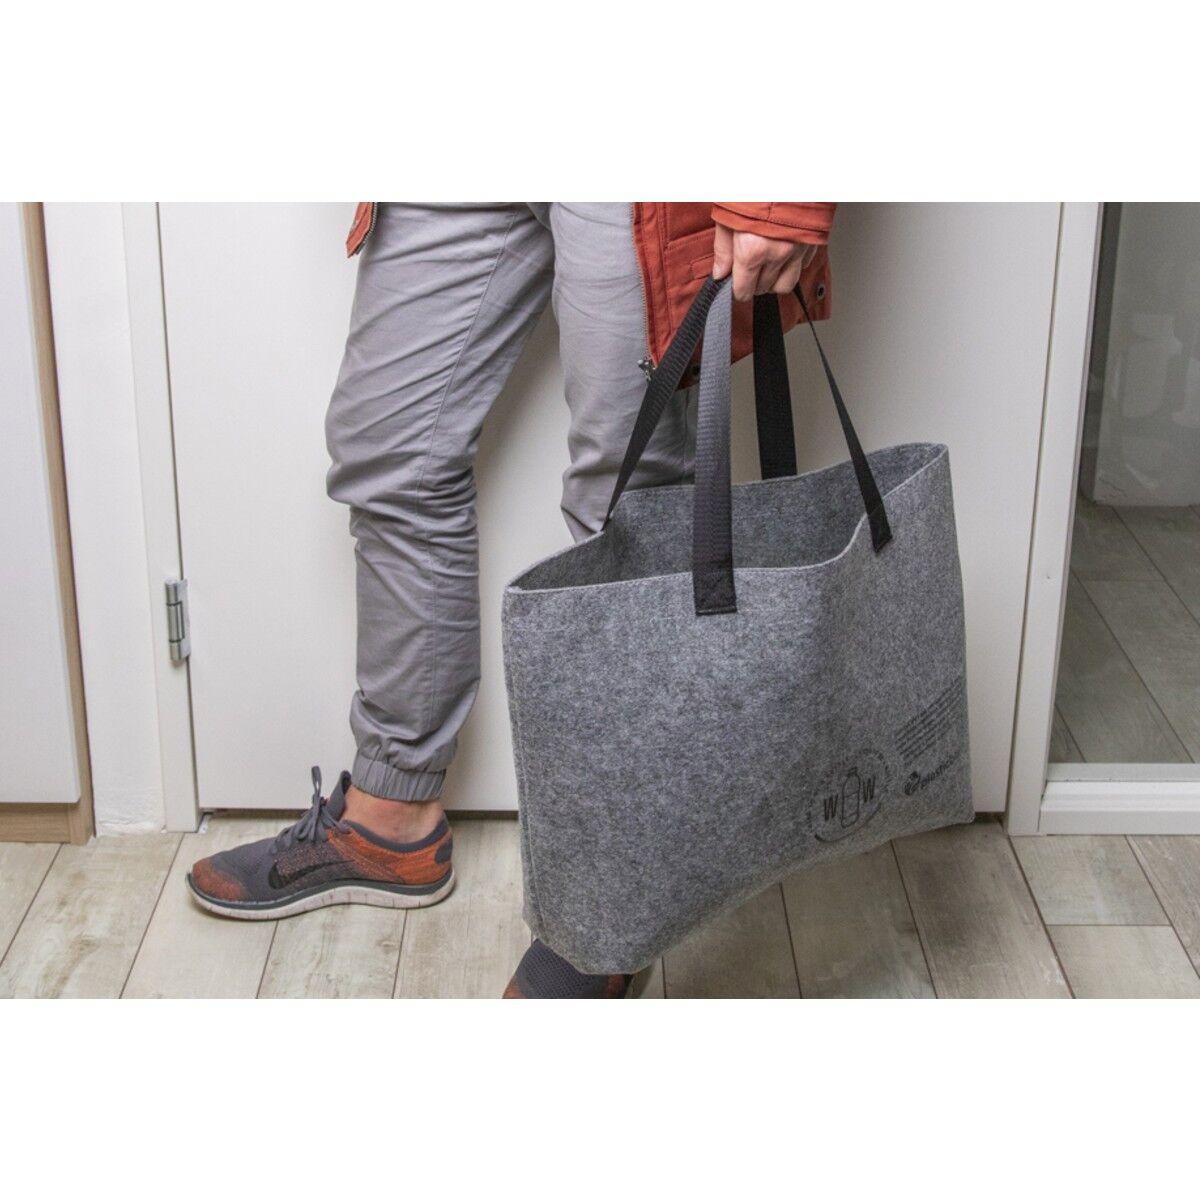 RPET Felt Shoulder Bag made with Recycled Bottles